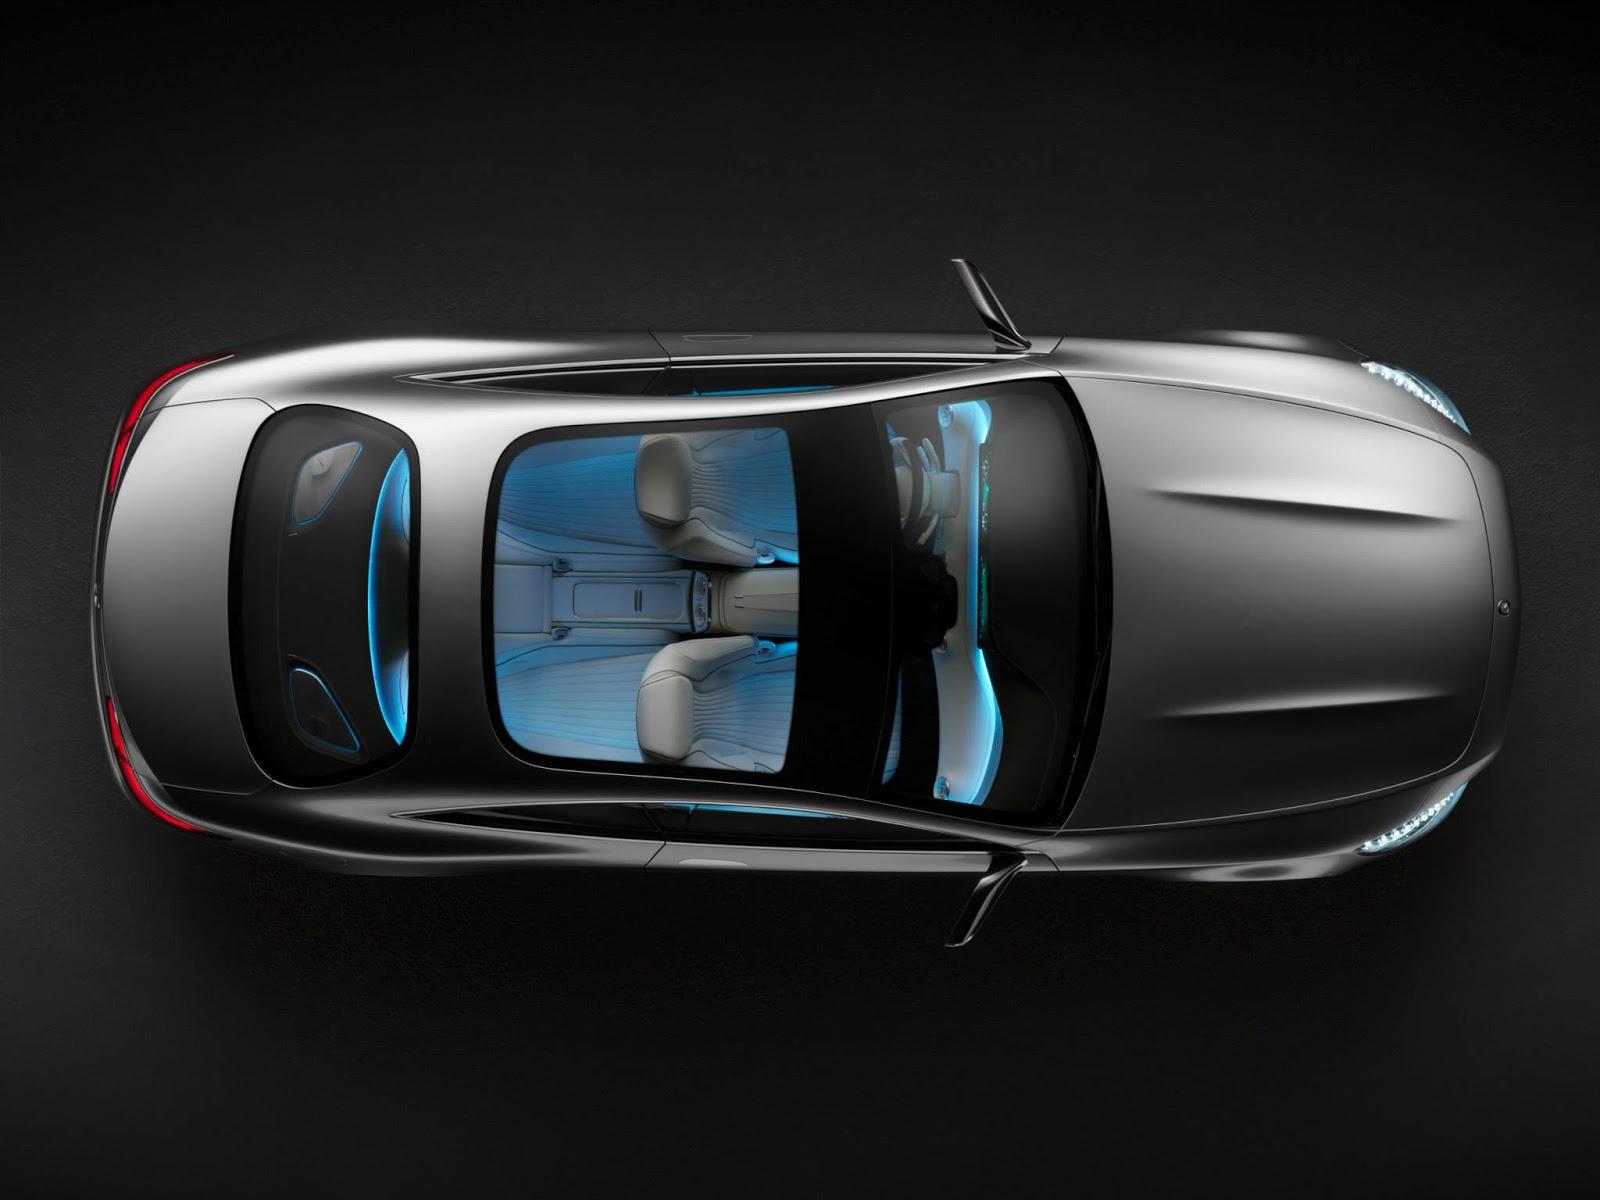 CES Mercedes built a van with autonomous drones and robot arms